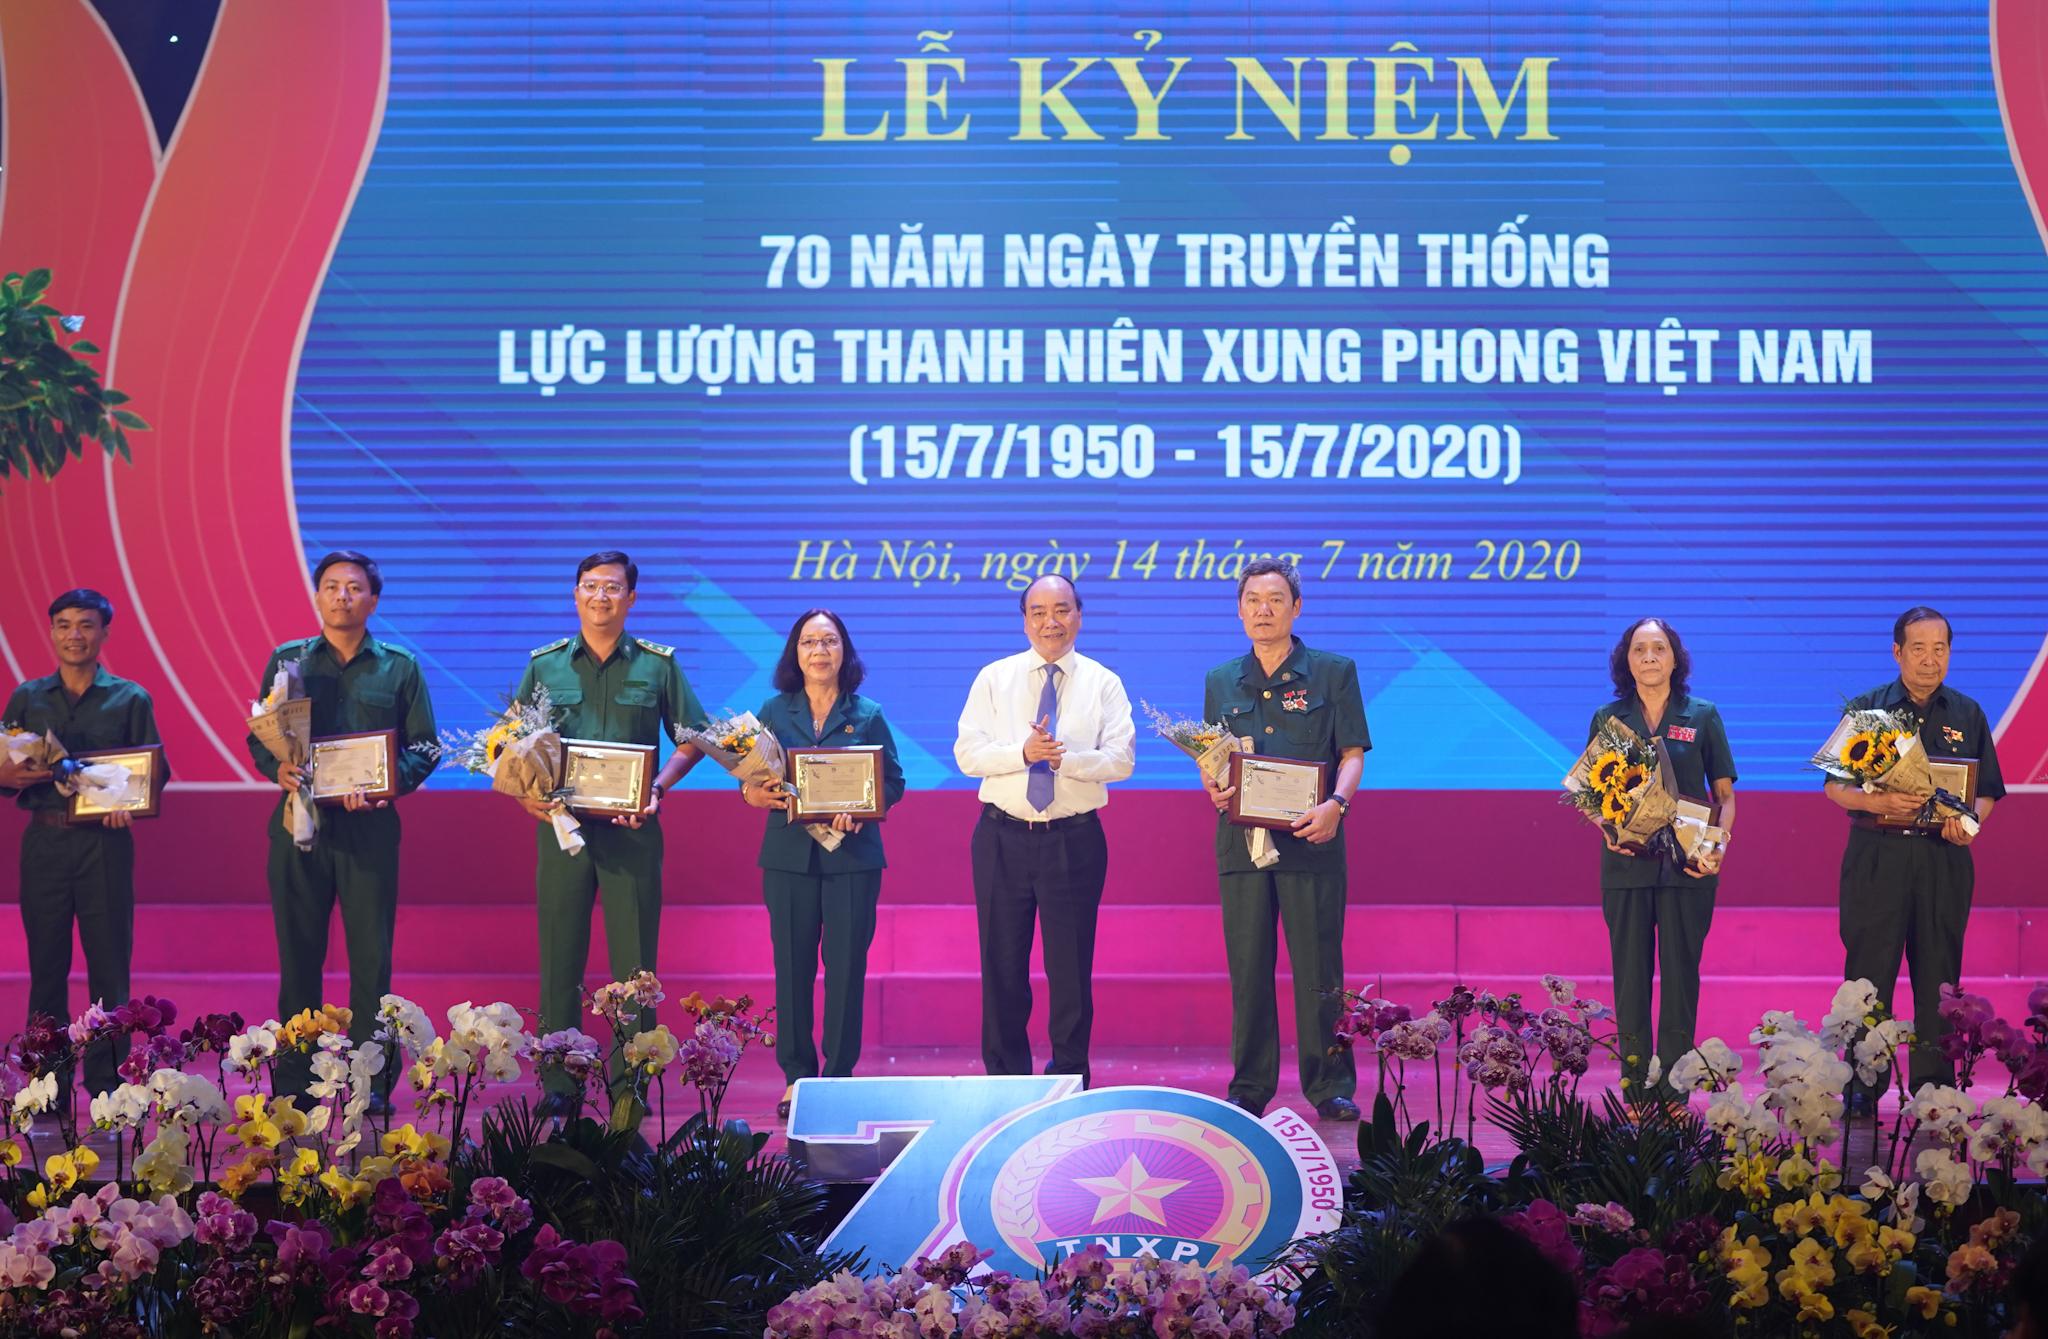 Thủ tướng Nguyễn Xuân Phúc tặng biểu trưng tôn vinh các TNXP điển hình tiêu biểu qua các thời kỳ - Ảnh: VGP/Quang Hiếu